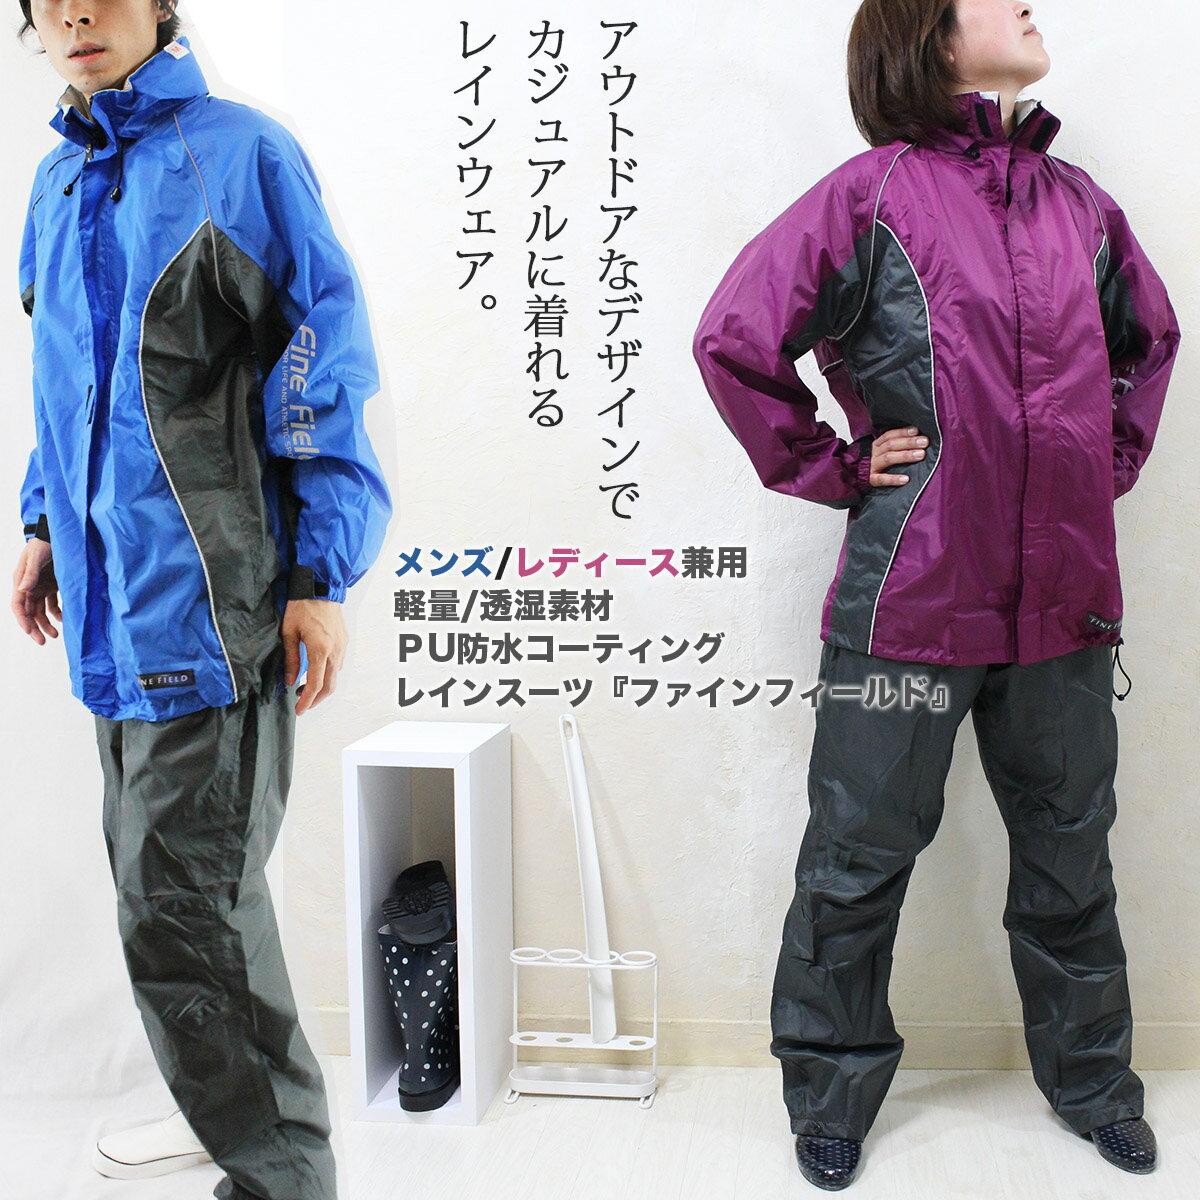 ファインフィールド レインスーツ[上下セット]レインウェア レディース/メンズ兼用【軽量・透湿素材】PU防水コーティング[マゼンタ/ブルー][S/M/L/LL/3L/4L] 雨具/カッパ【送料無料】